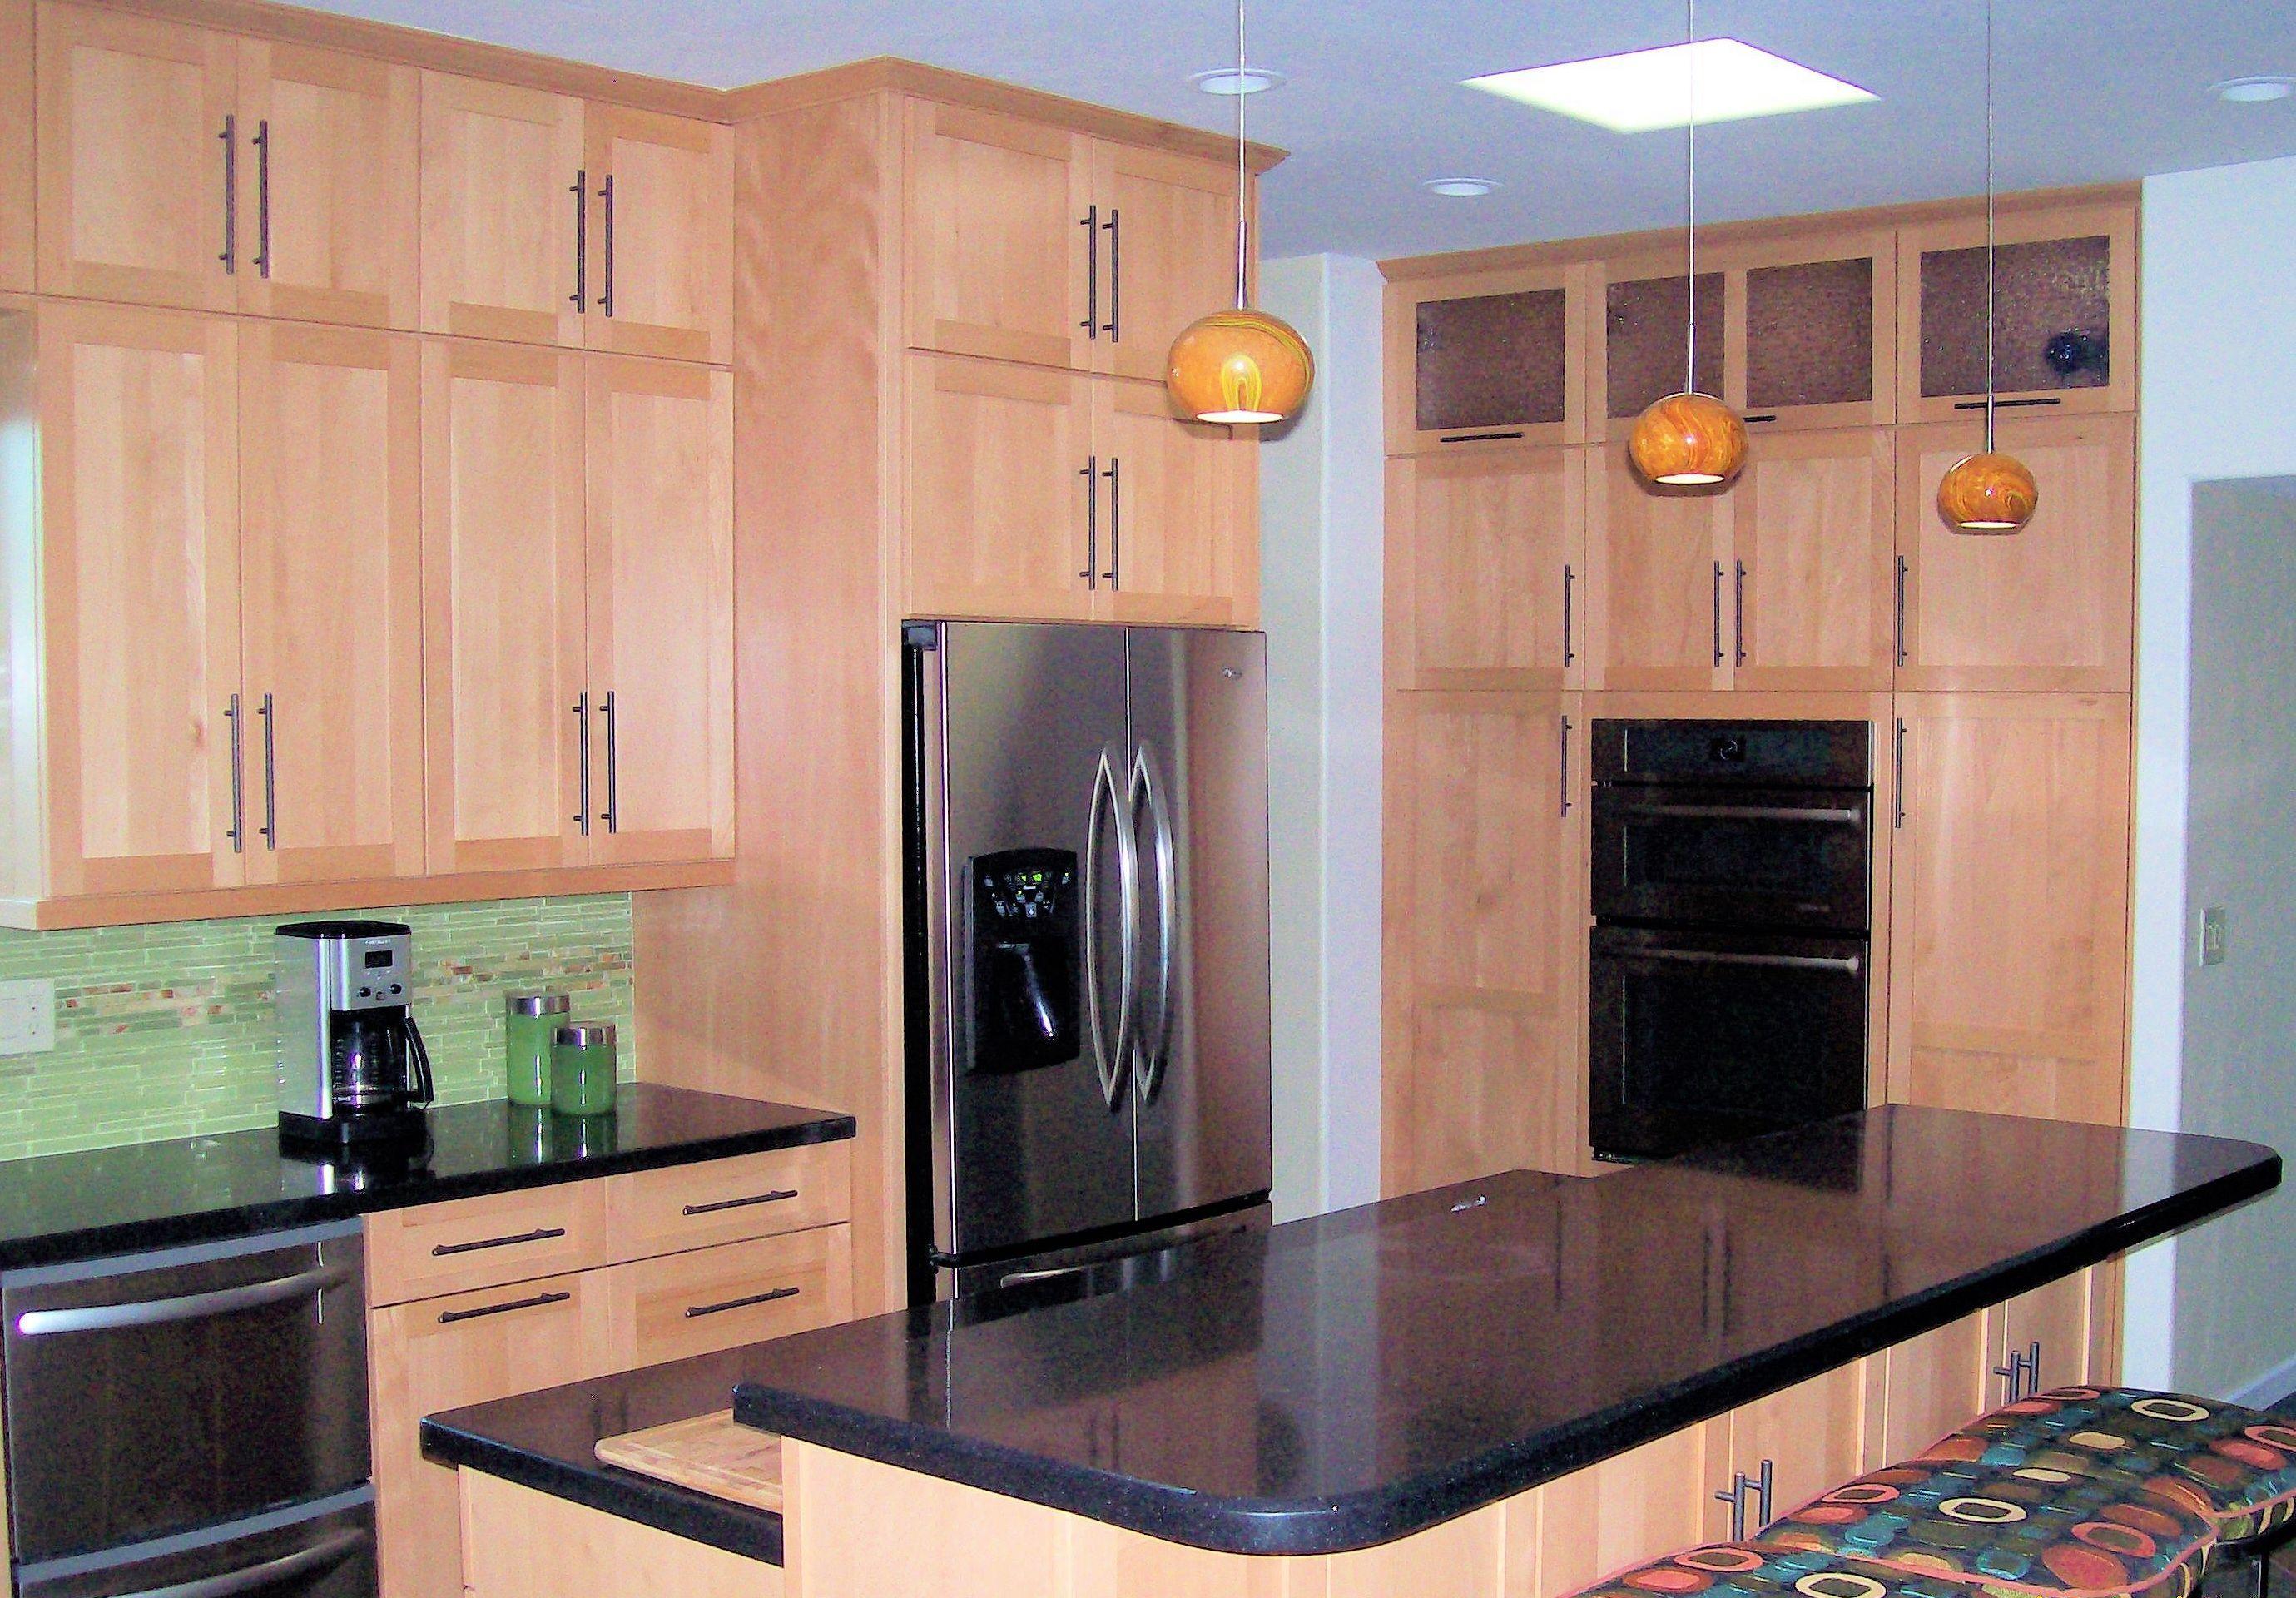 Kitchen Concepts image 4